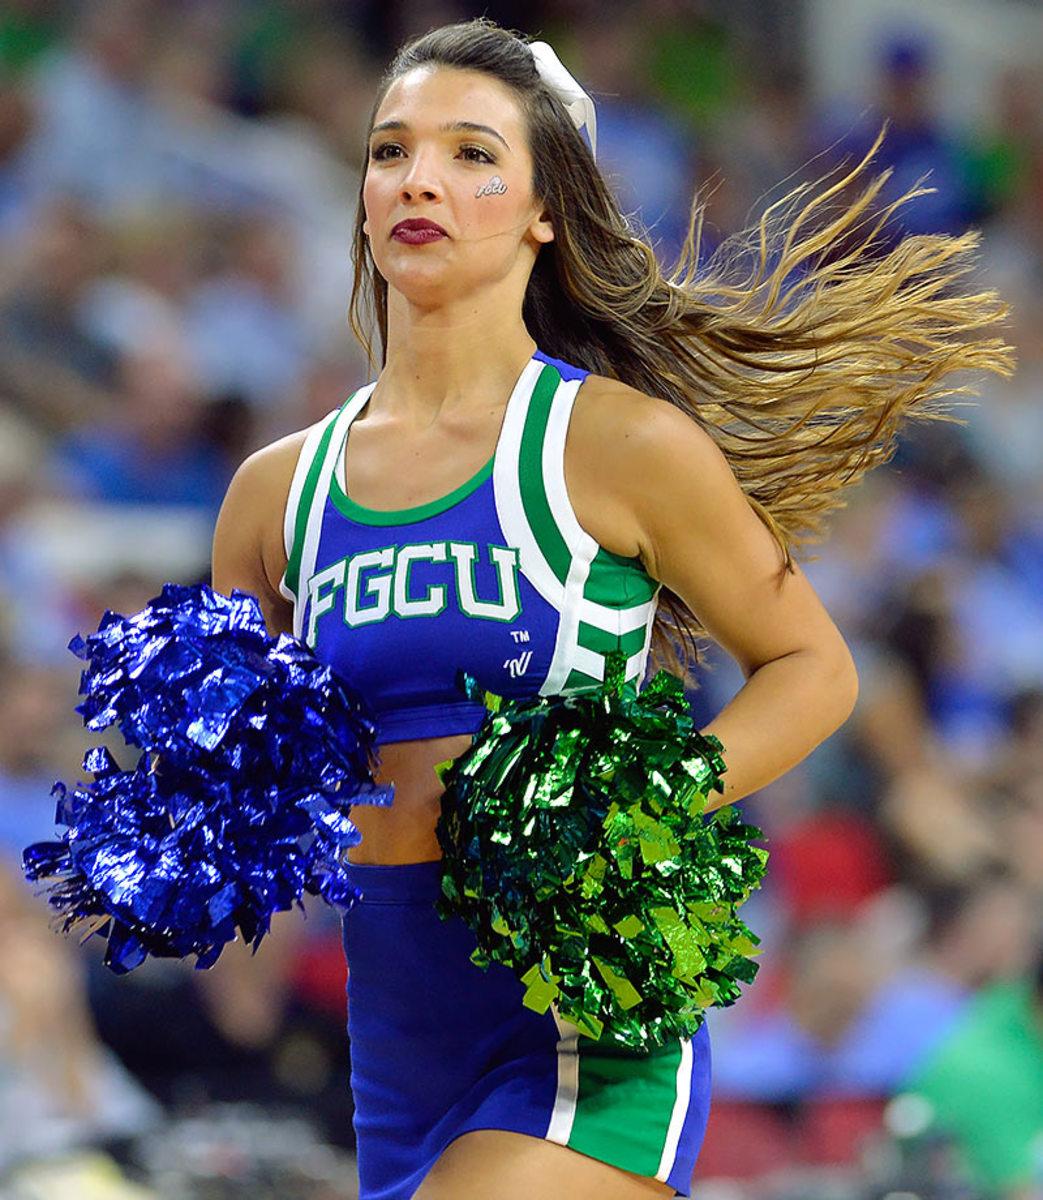 Florida-Gulf-Coast-cheerleader-516247688.jpg